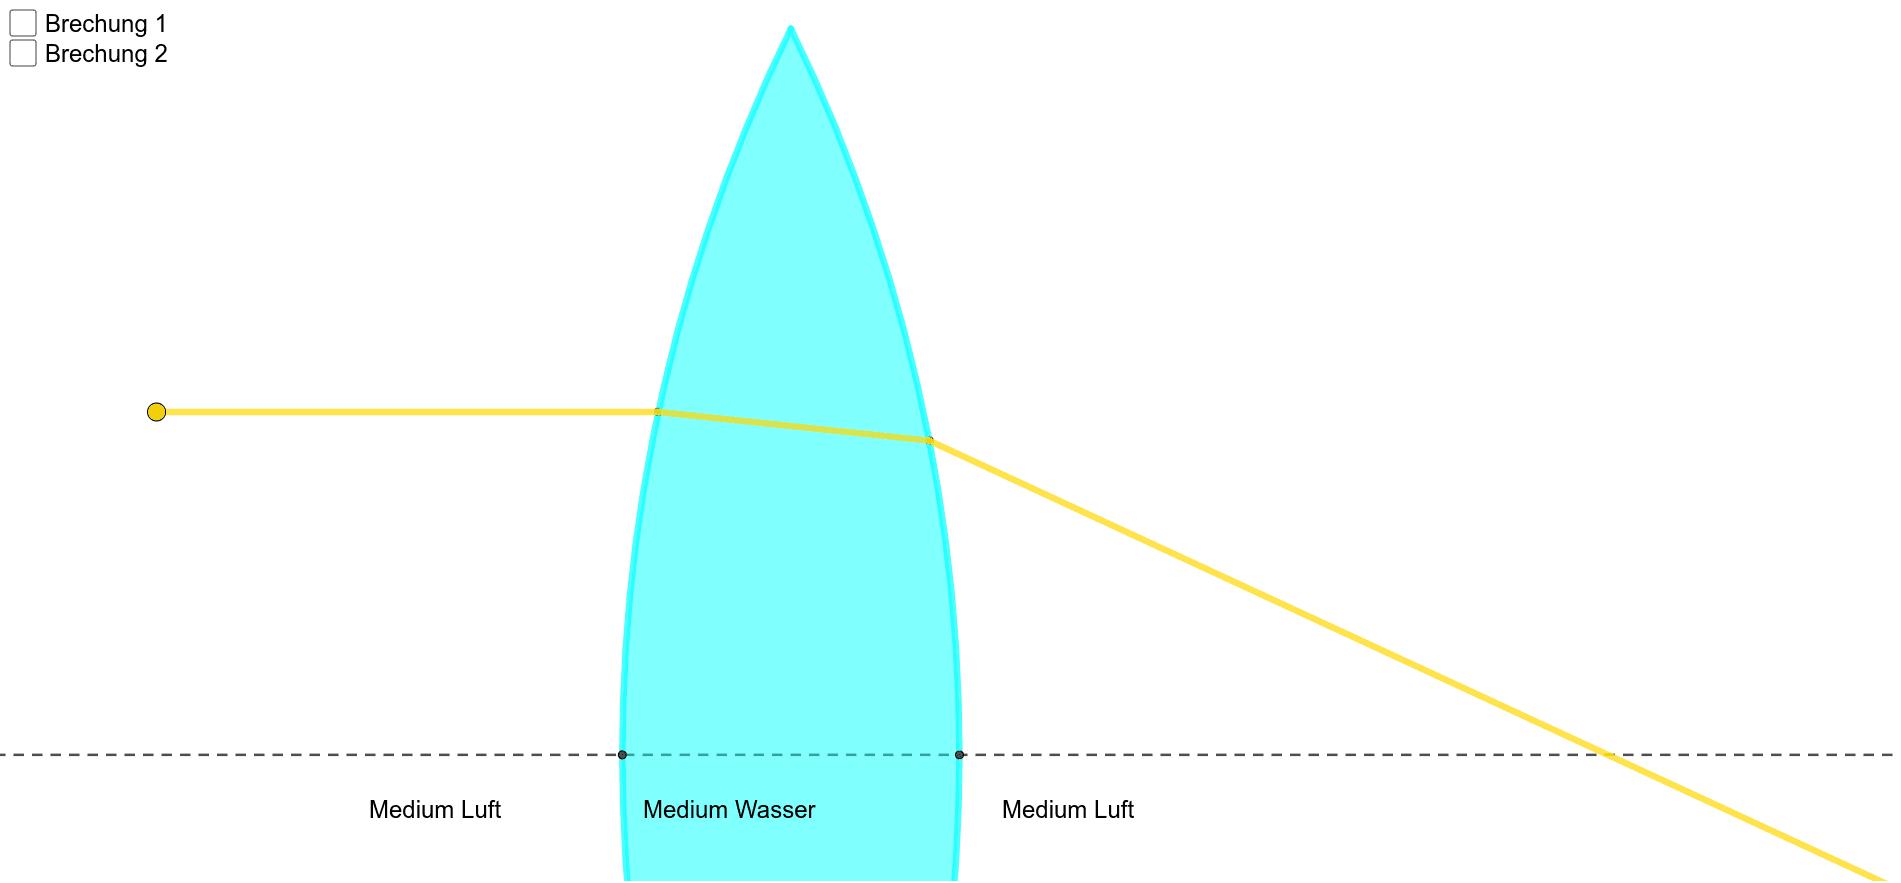 Bewege den gelben Punkt Drücke die Eingabetaste um die Aktivität zu starten